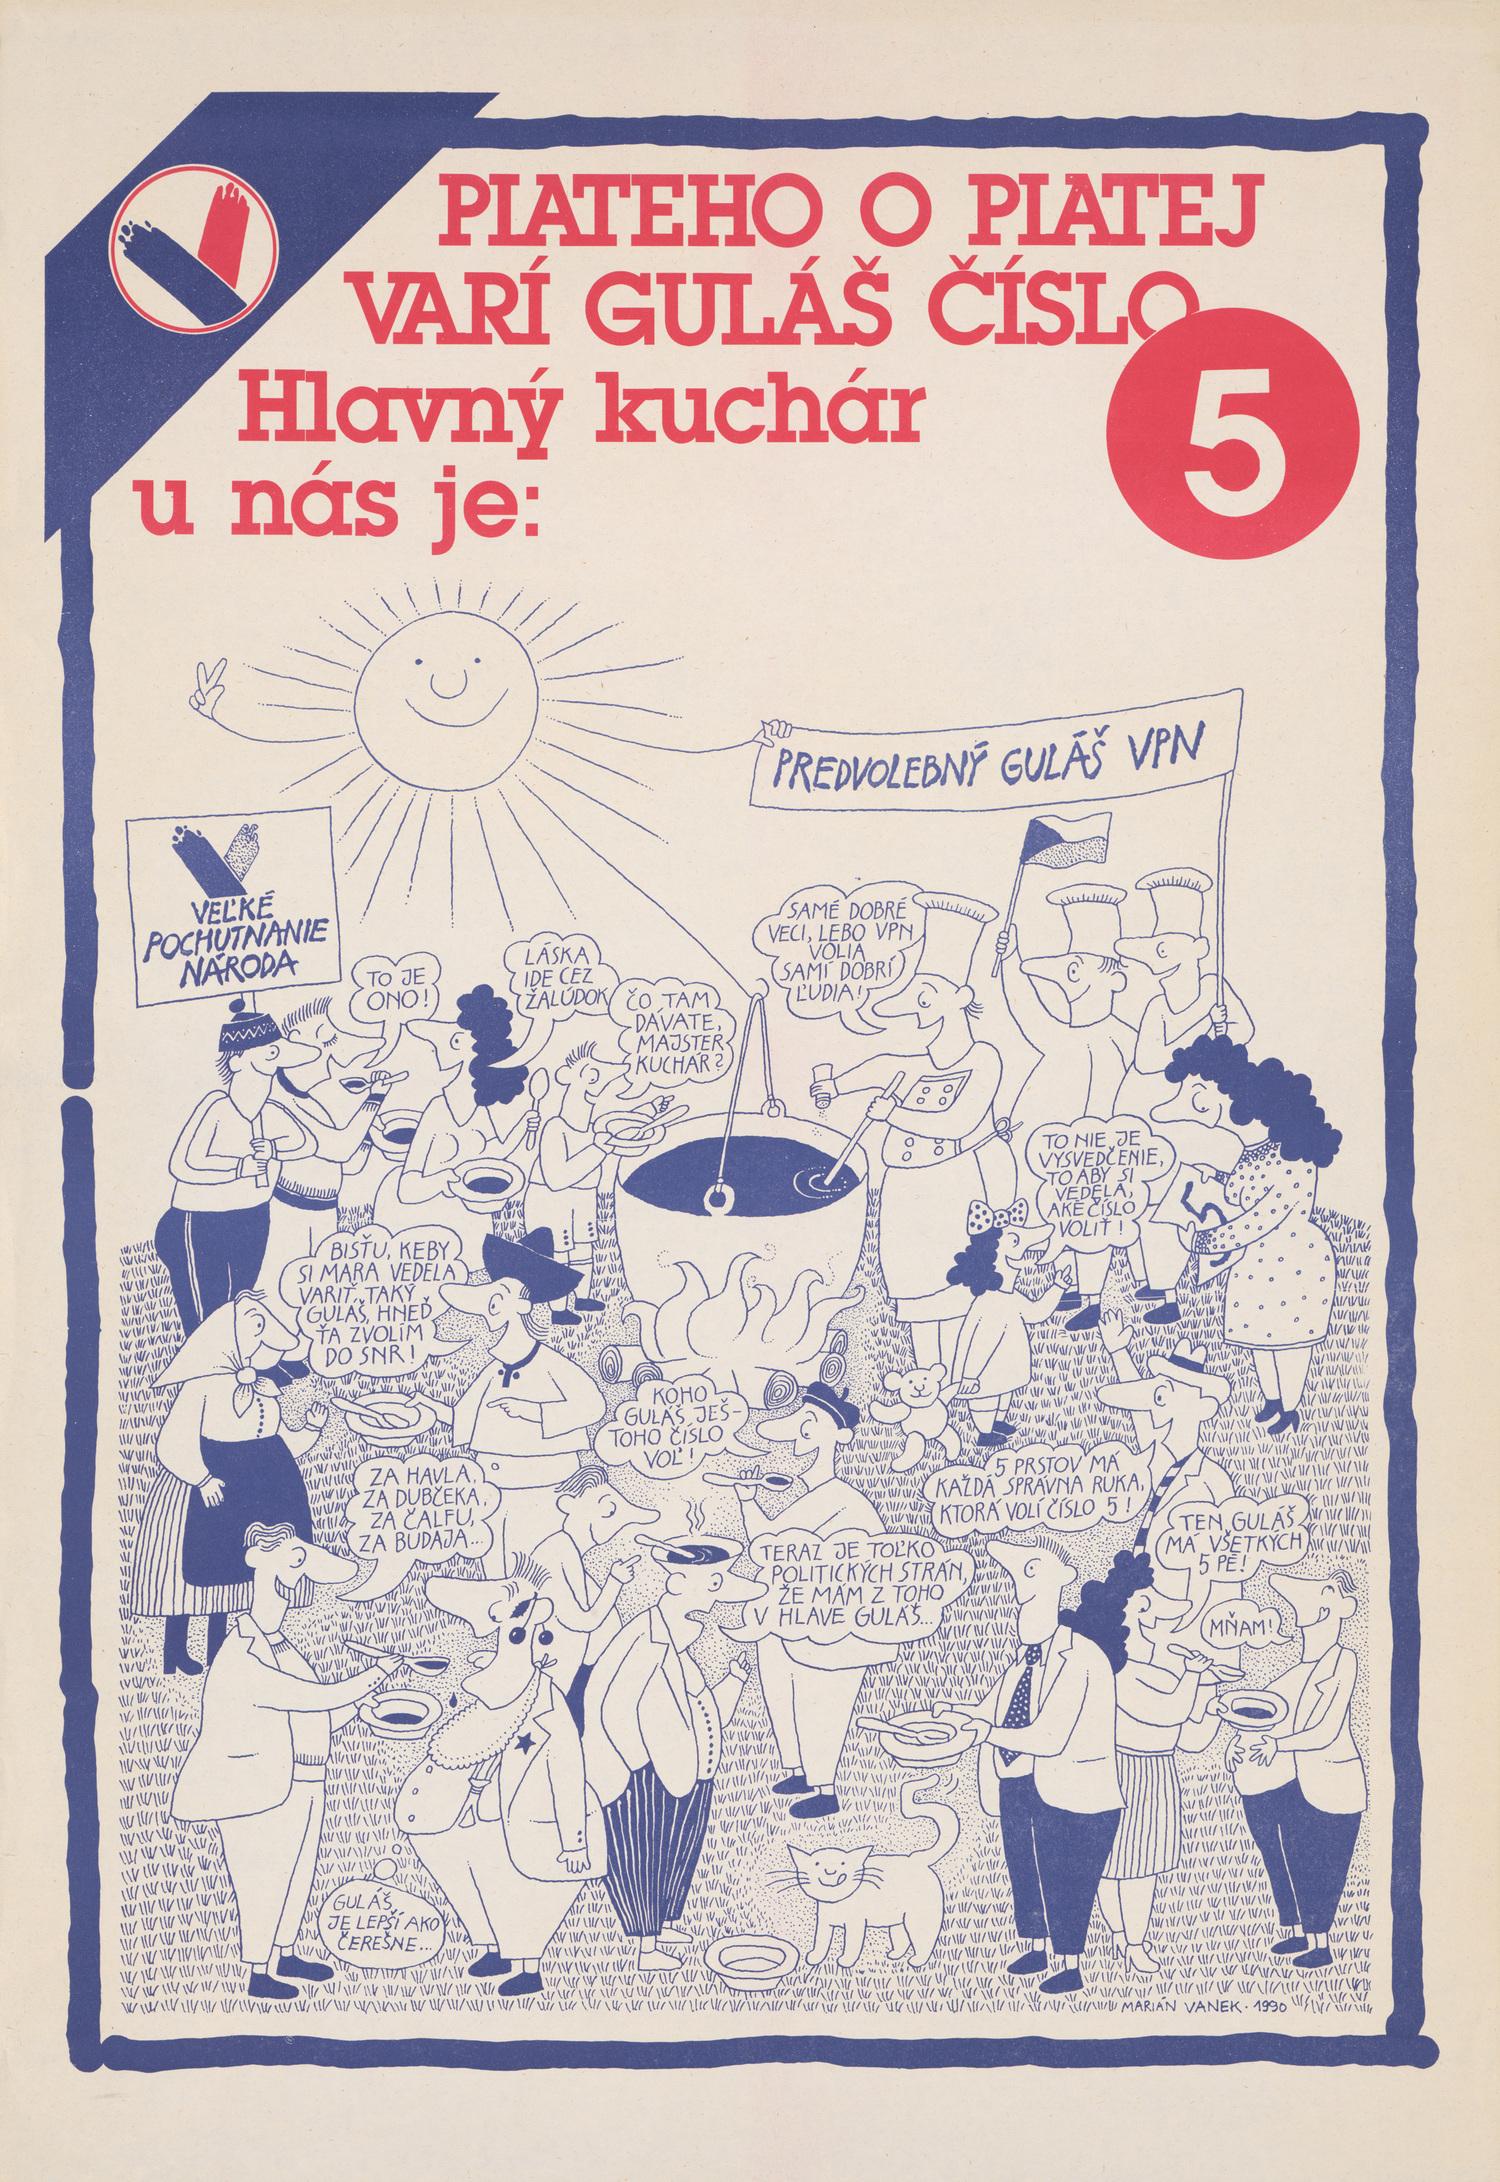 Karol Rosmány, Piateho o piatej varí guláš číslo 5. 1990. Slovenské múzeum dizajnu